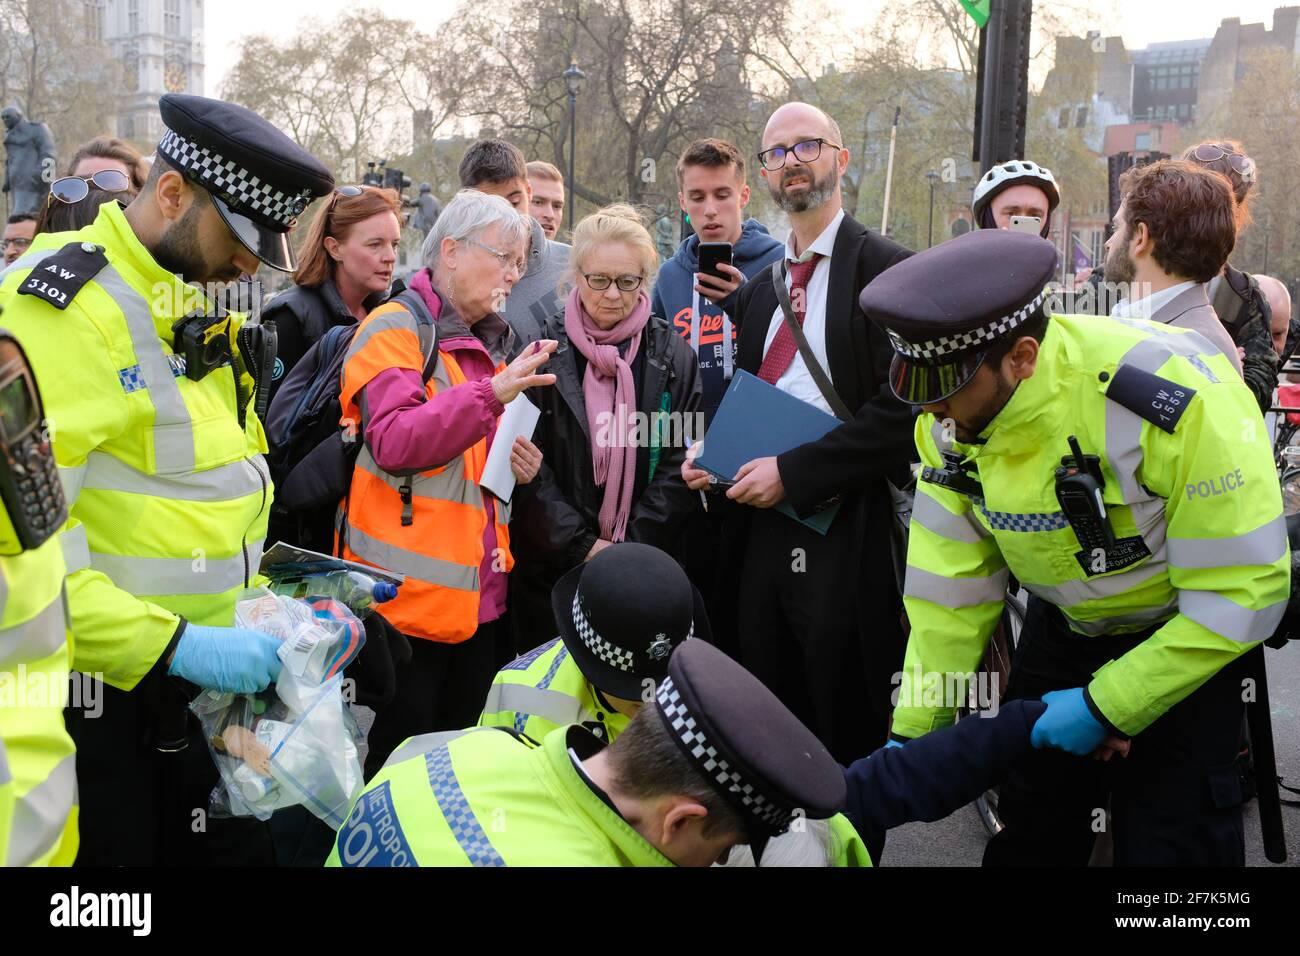 LONDRES - AVRIL 2019 : manifestation de la rébellion contre l'extinction sur le changement climatique à Londres. Banque D'Images